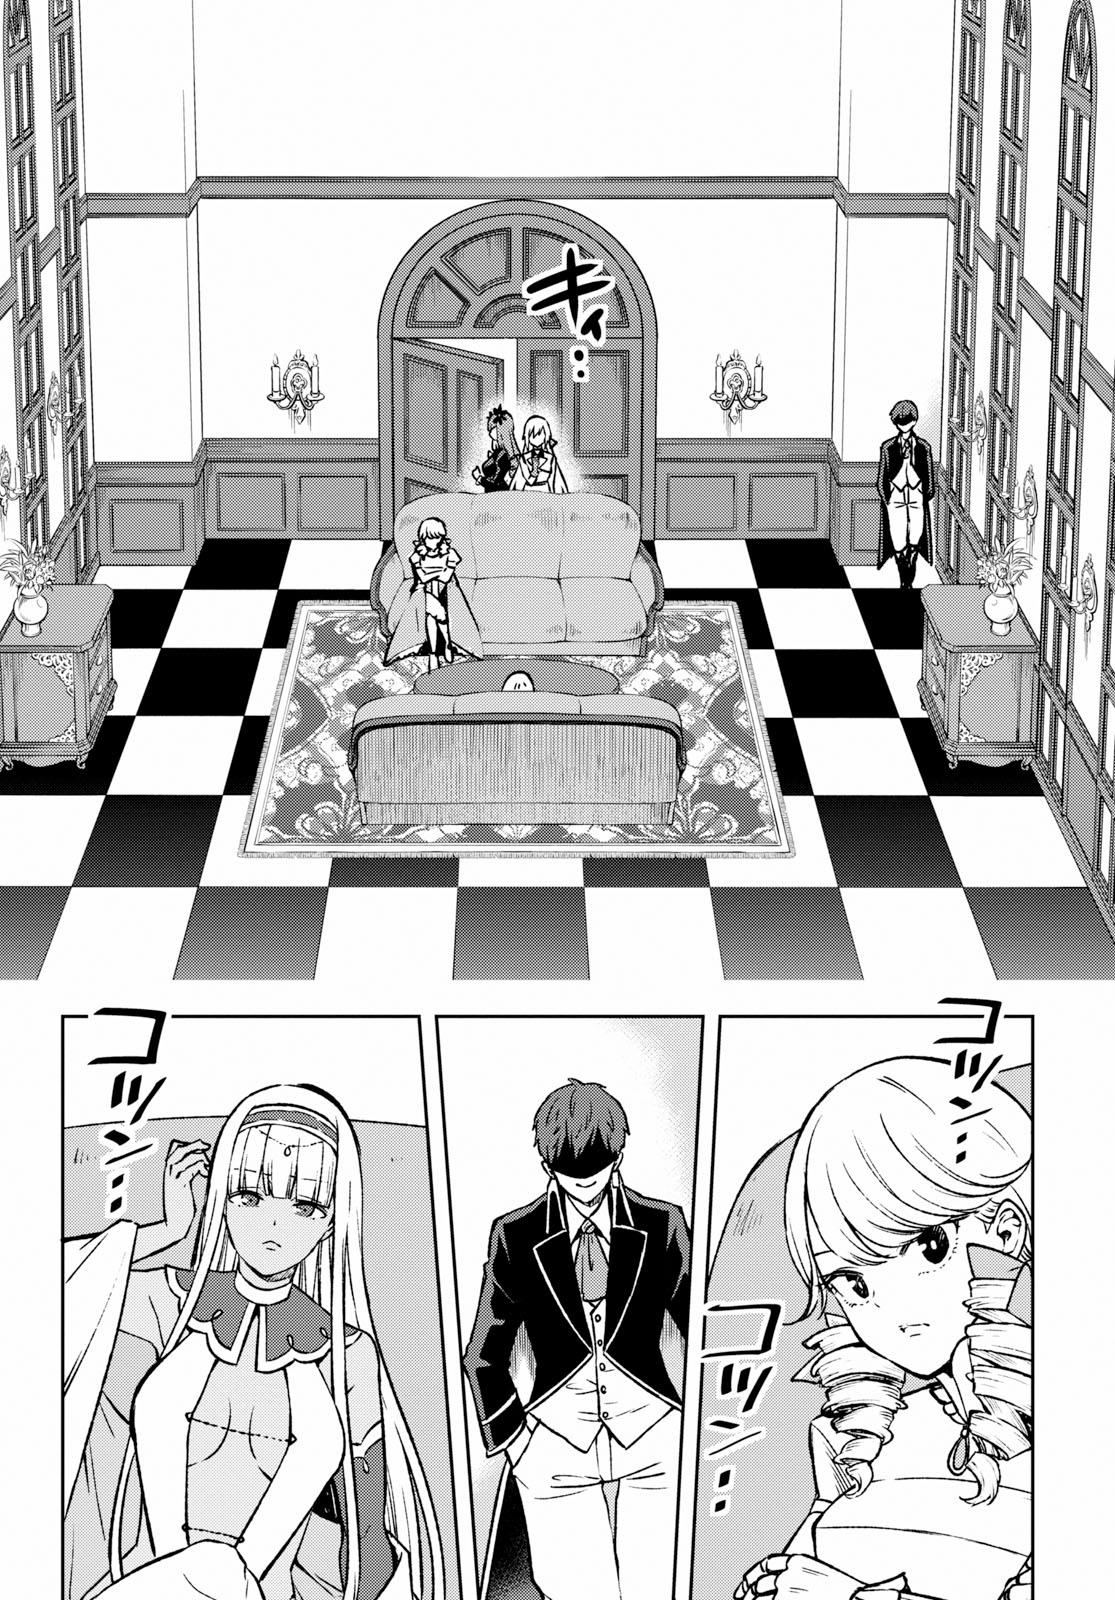 อ่านการ์ตูน Samayoeru Tensei-sha-tachi no Revival Game ตอนที่ 1.3 หน้าที่ 21